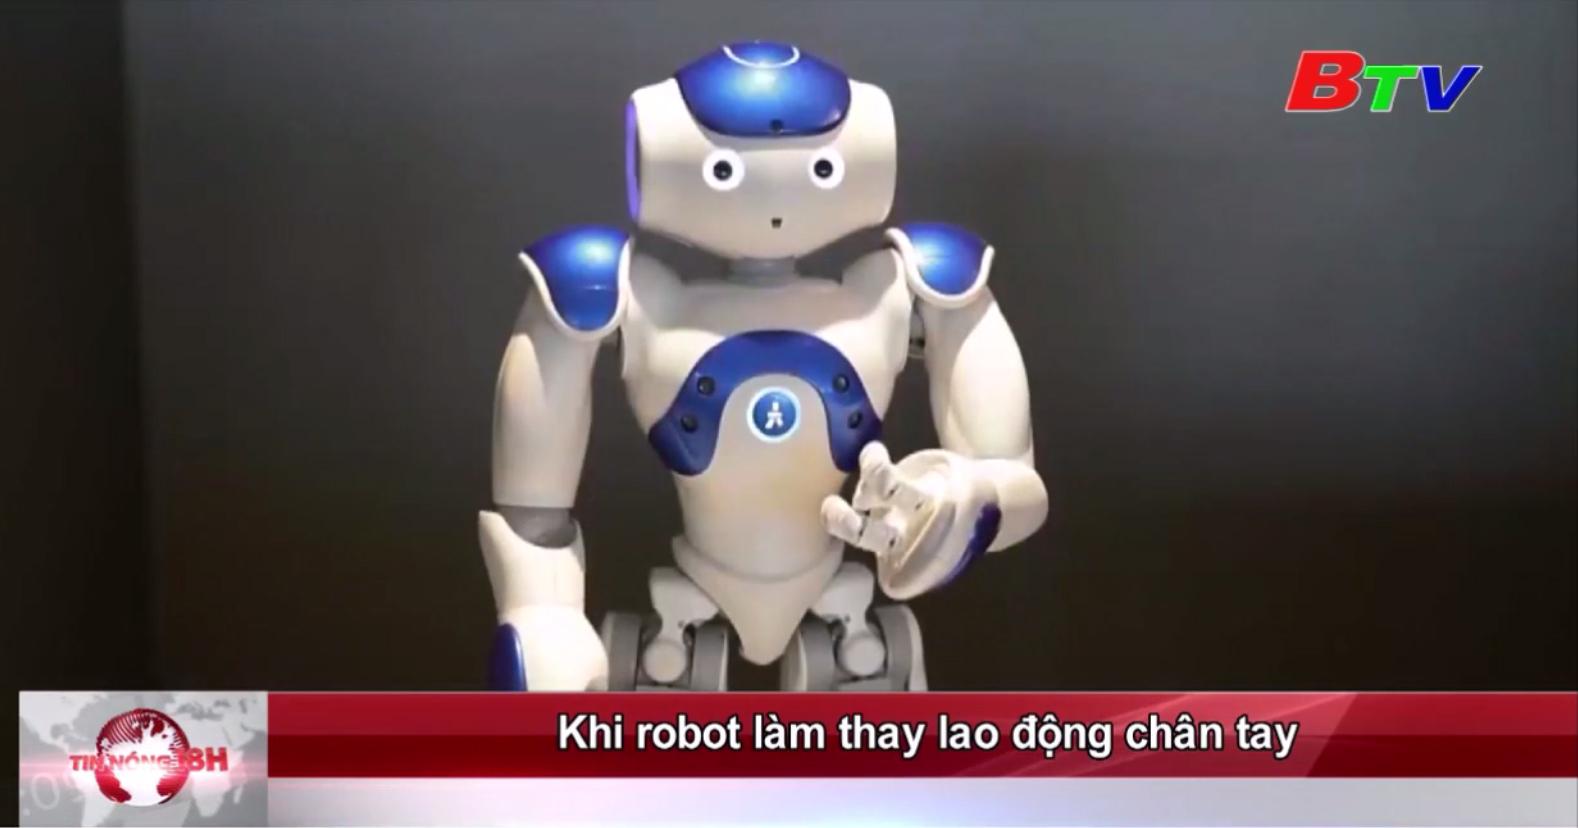 Khi robot làm thay lao động chân tay